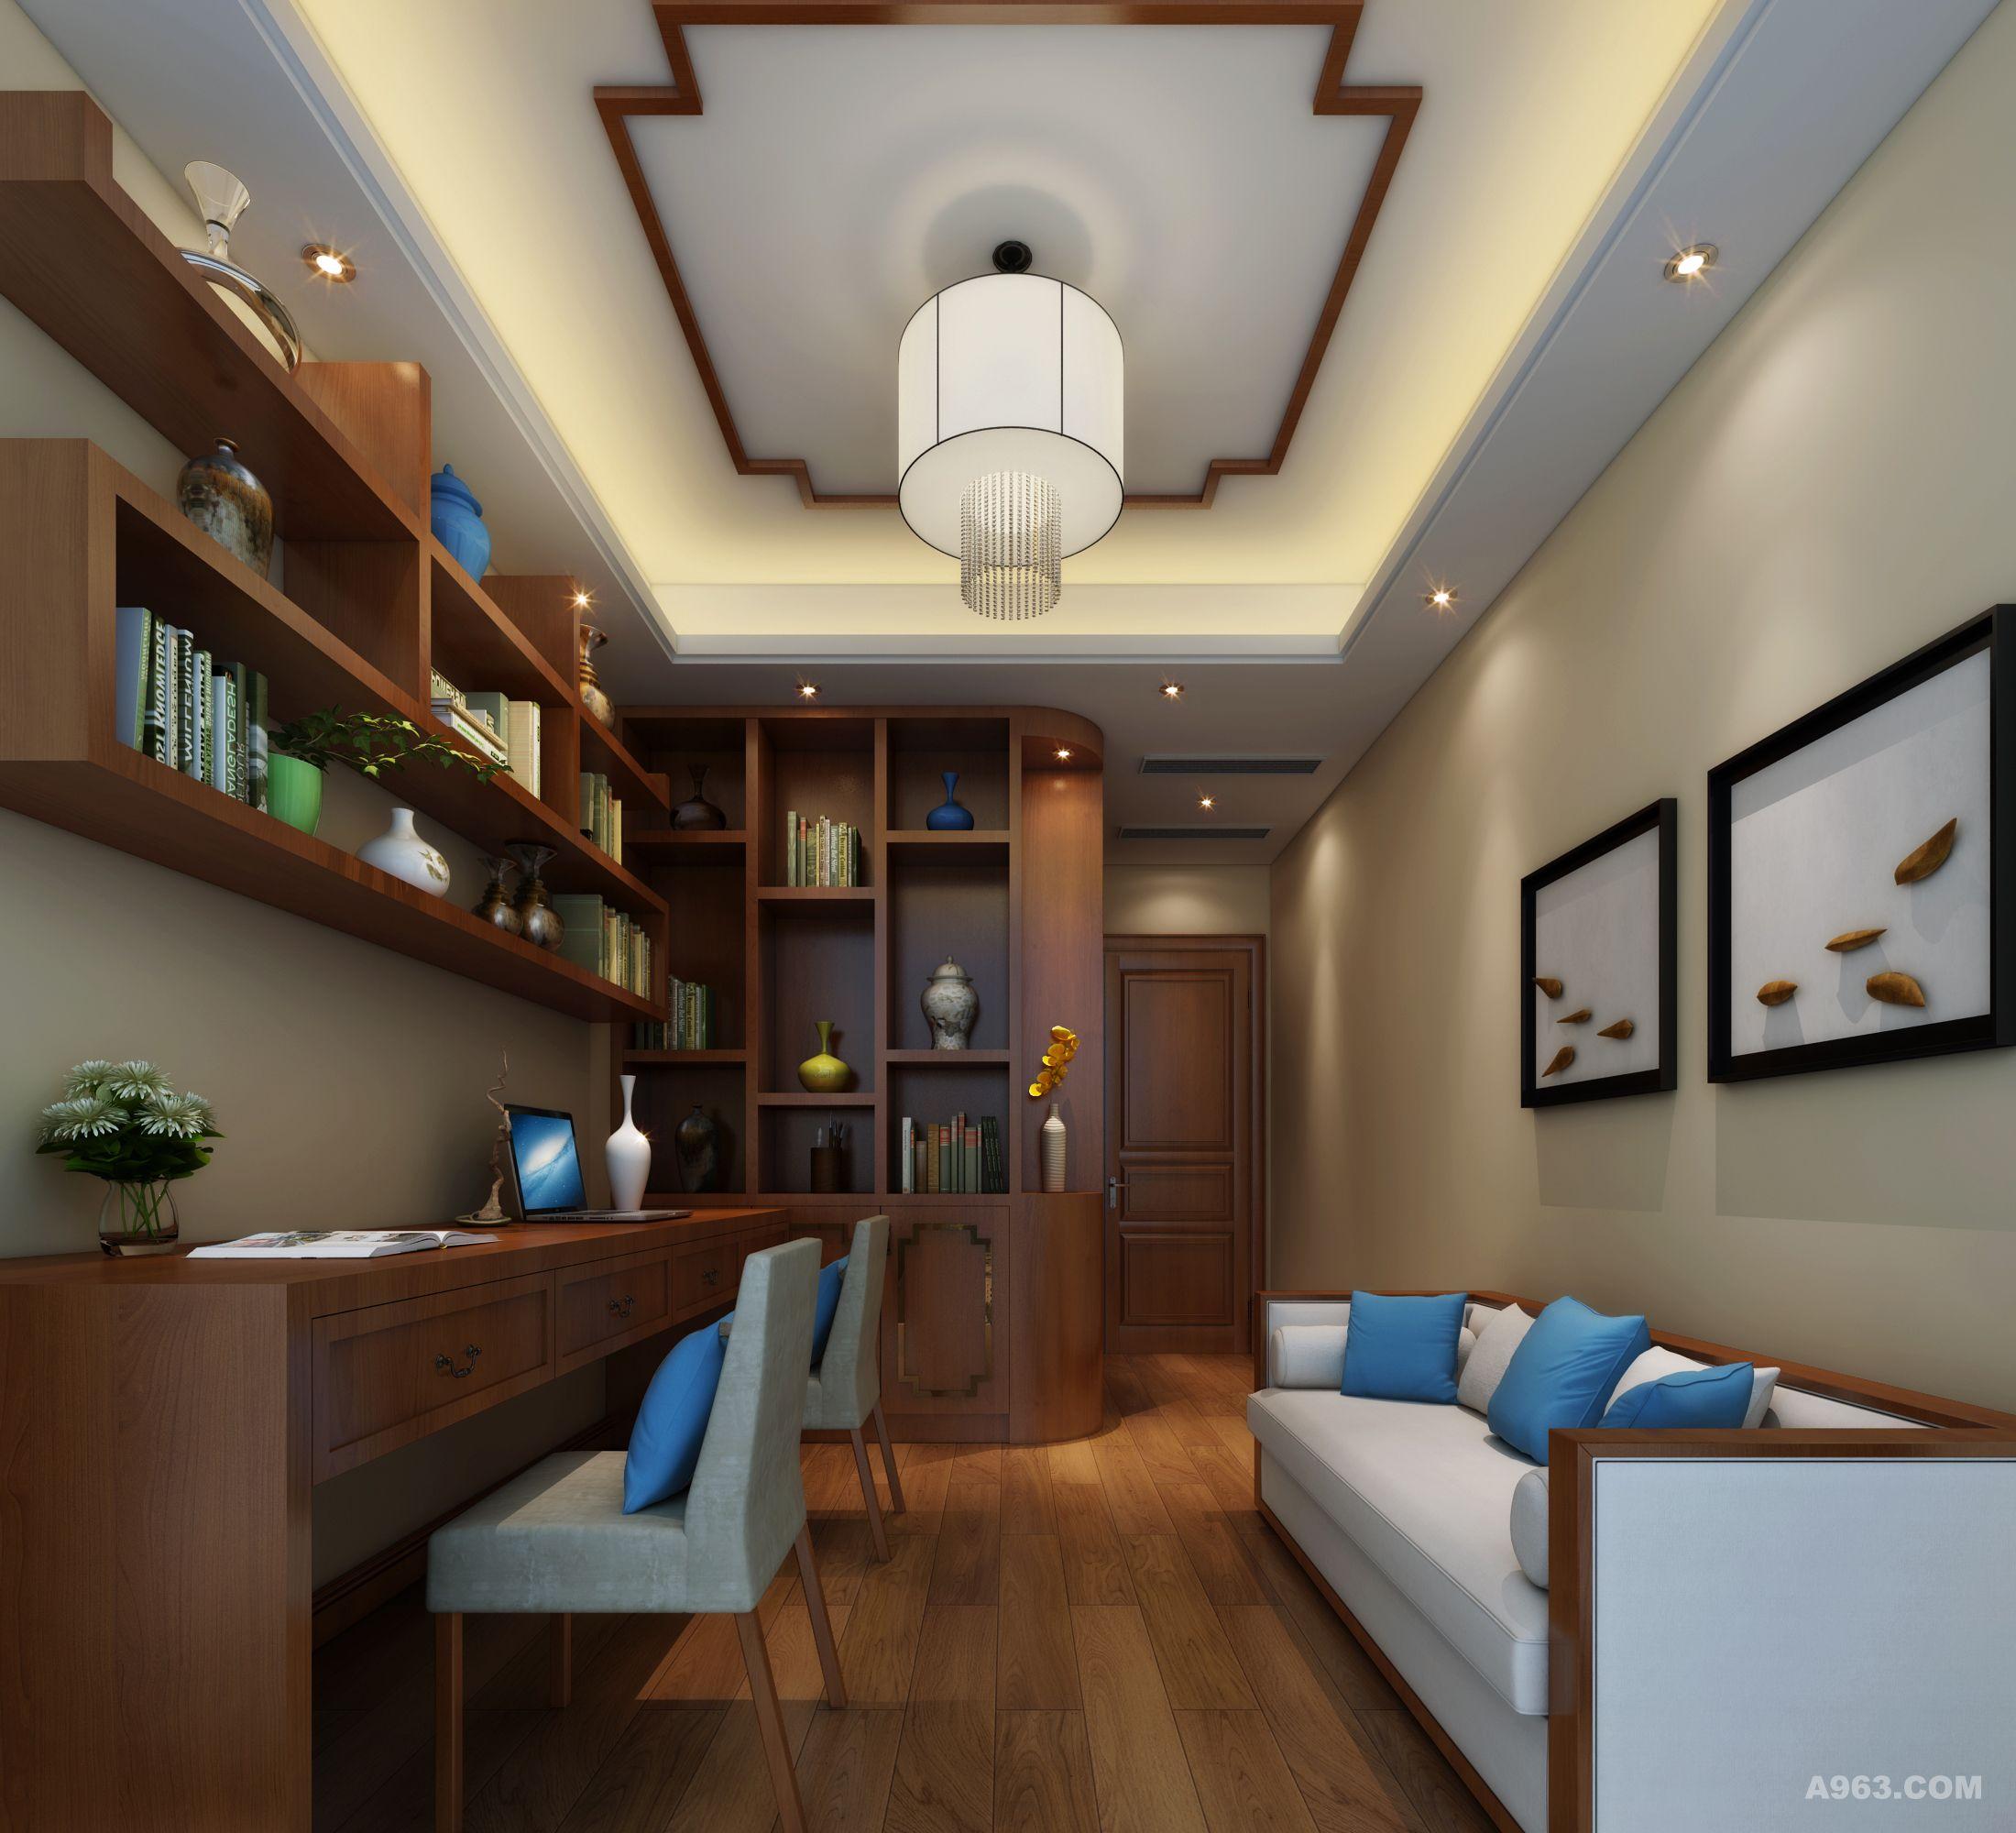 家居 起居室 设计 书房 装修 2200_2000